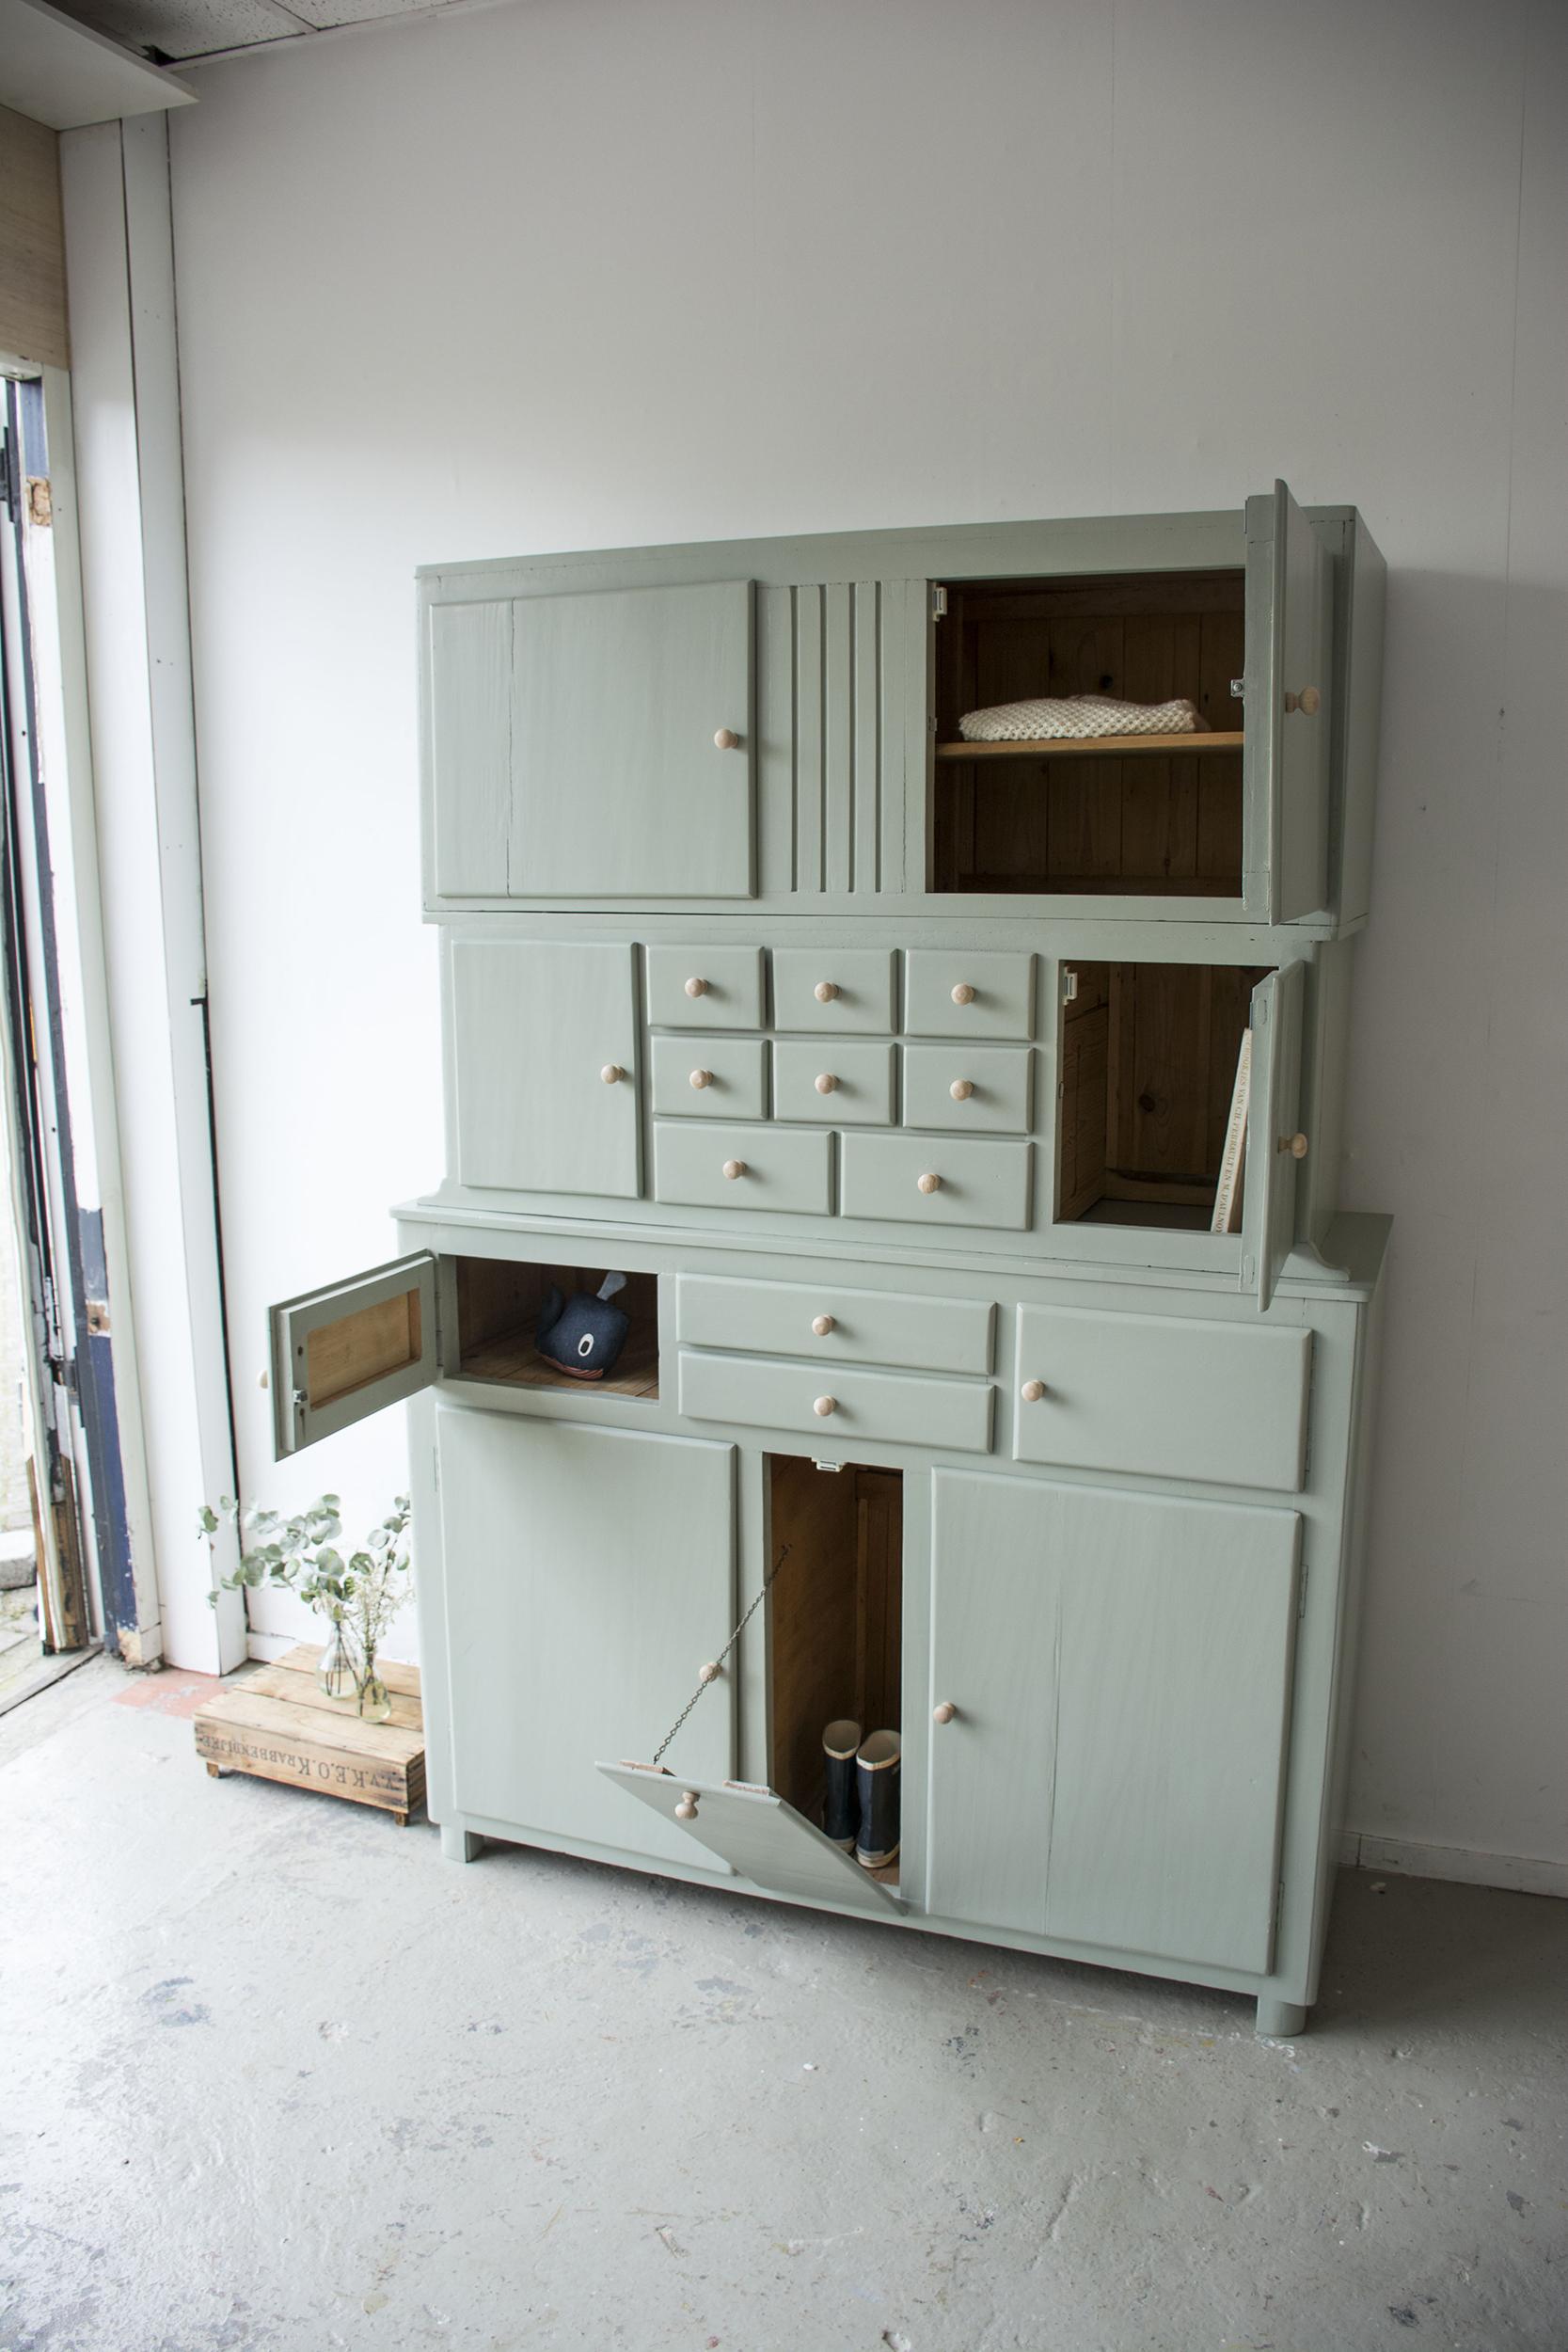 _Grijsgroene driedelige keukenkast - Firma zoethout_4.jpg